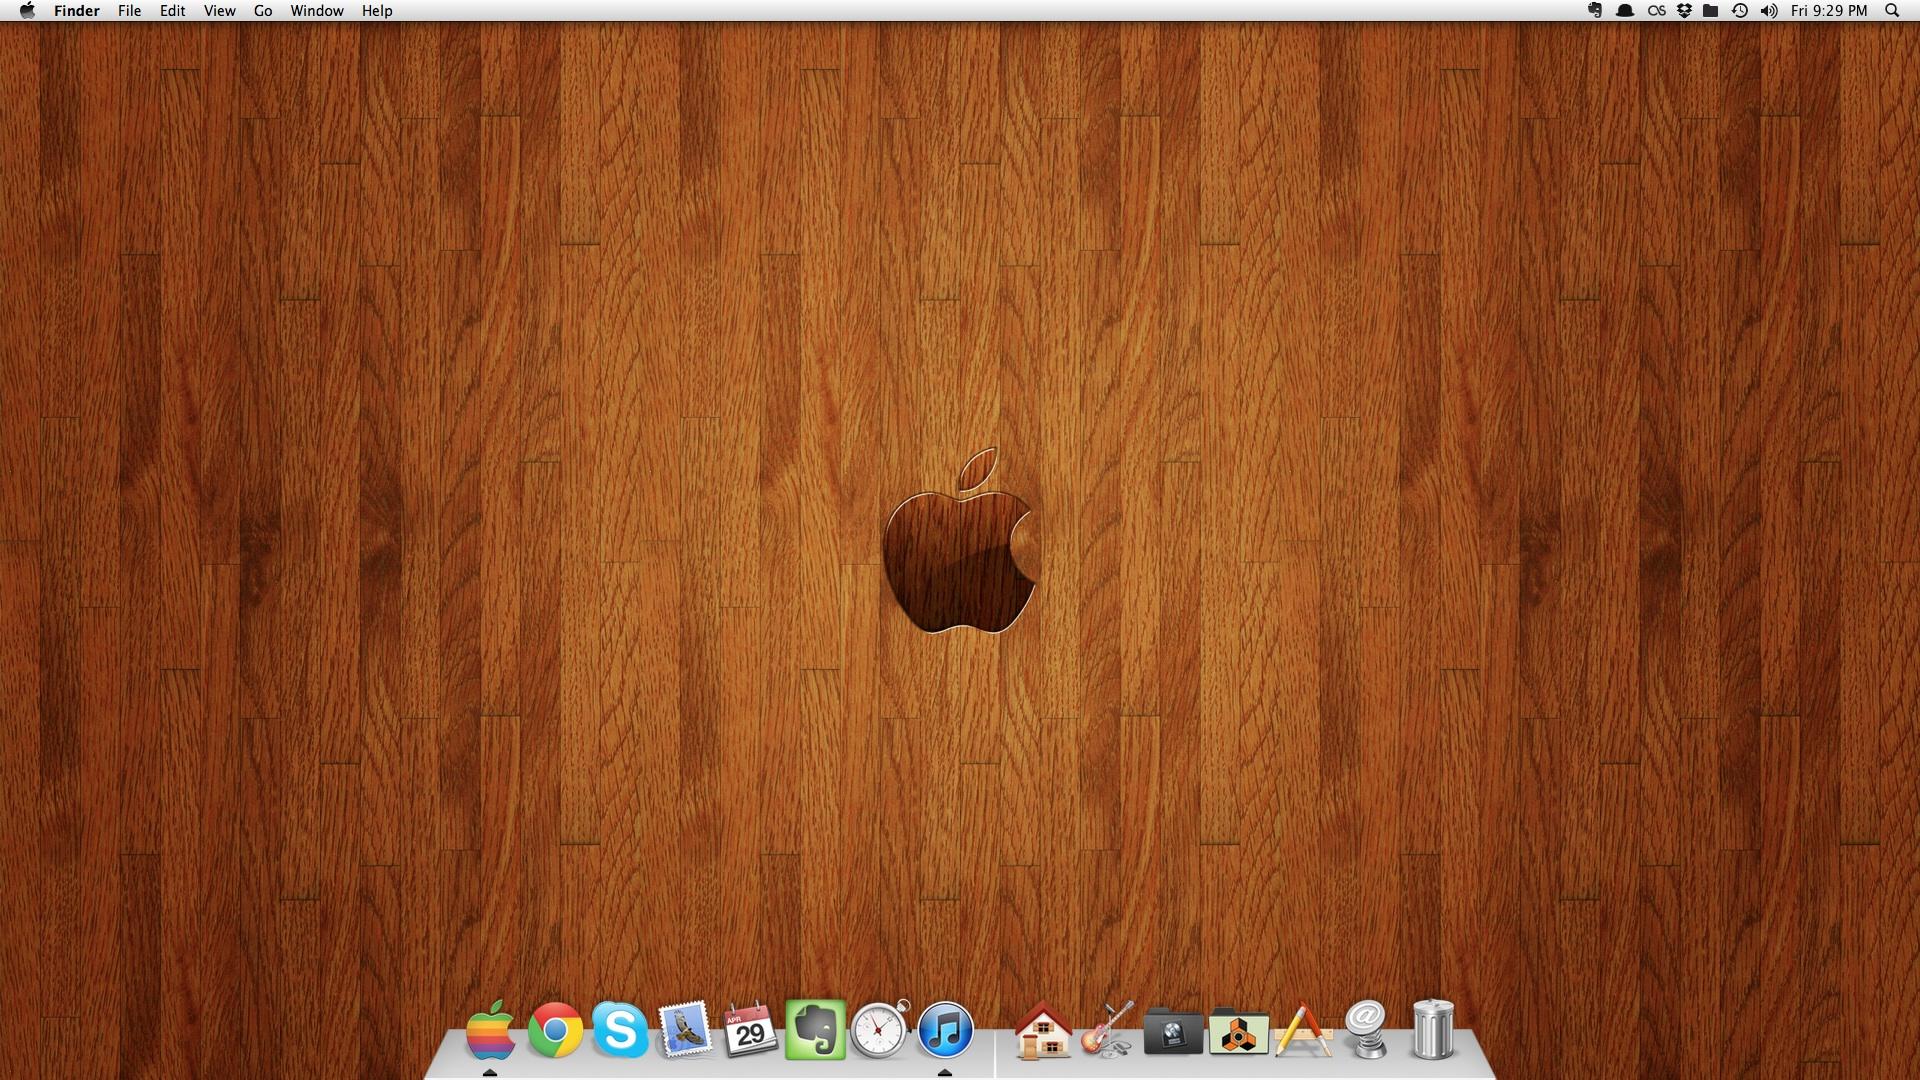 Mac Screenshot 02052011 By Shanesemler Mac Screenshot 02052011 By  Shanesemler